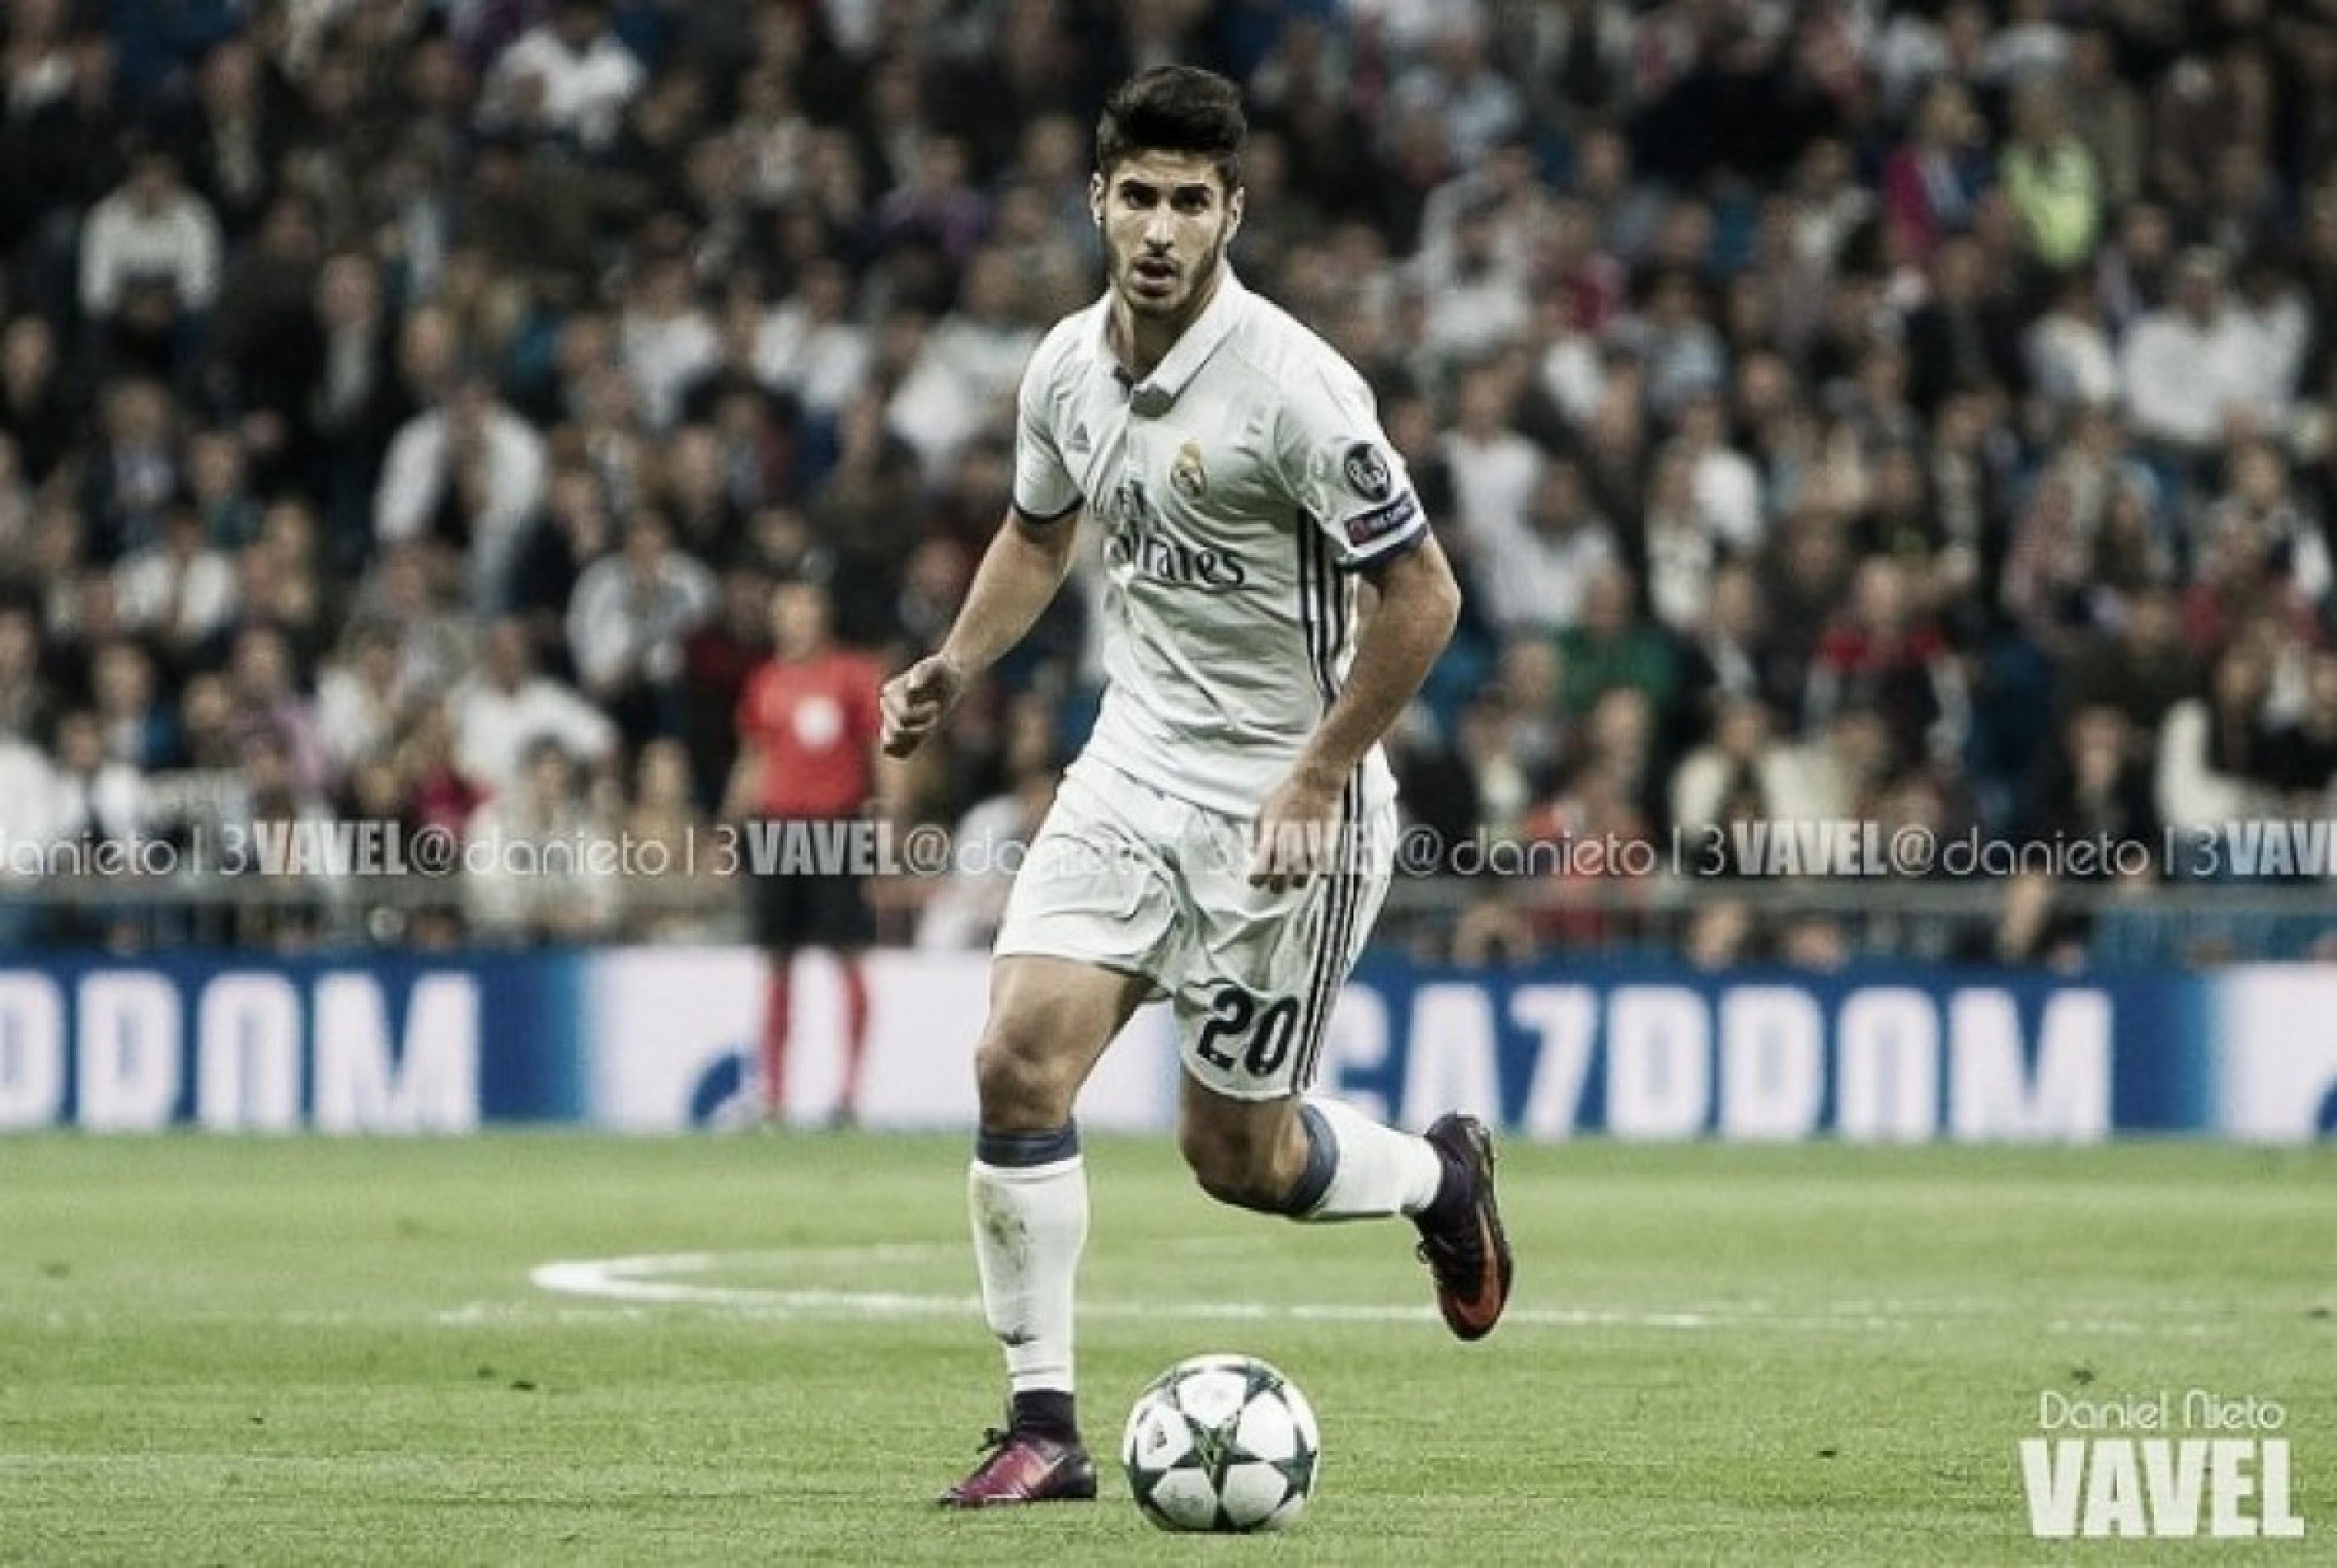 Liga - Il Real vince di misura, Espanyol battuto 1-0